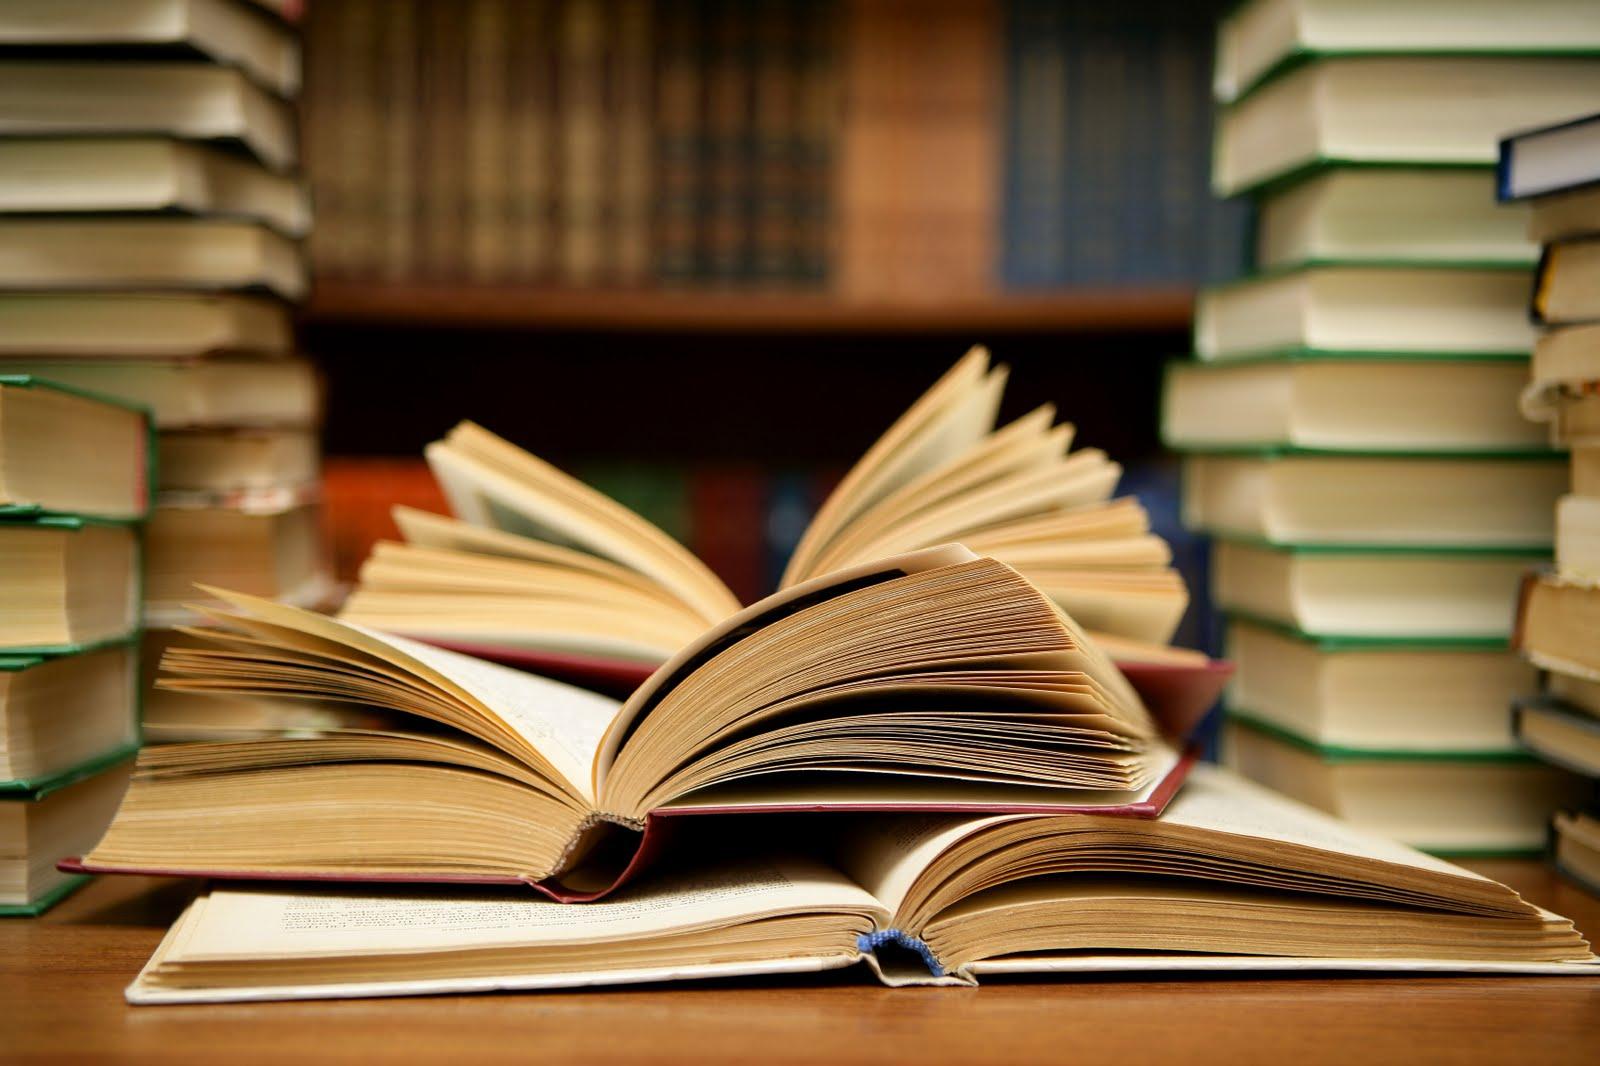 Ирина Хайманова: Интернет не может соперничать с печатаной книгой